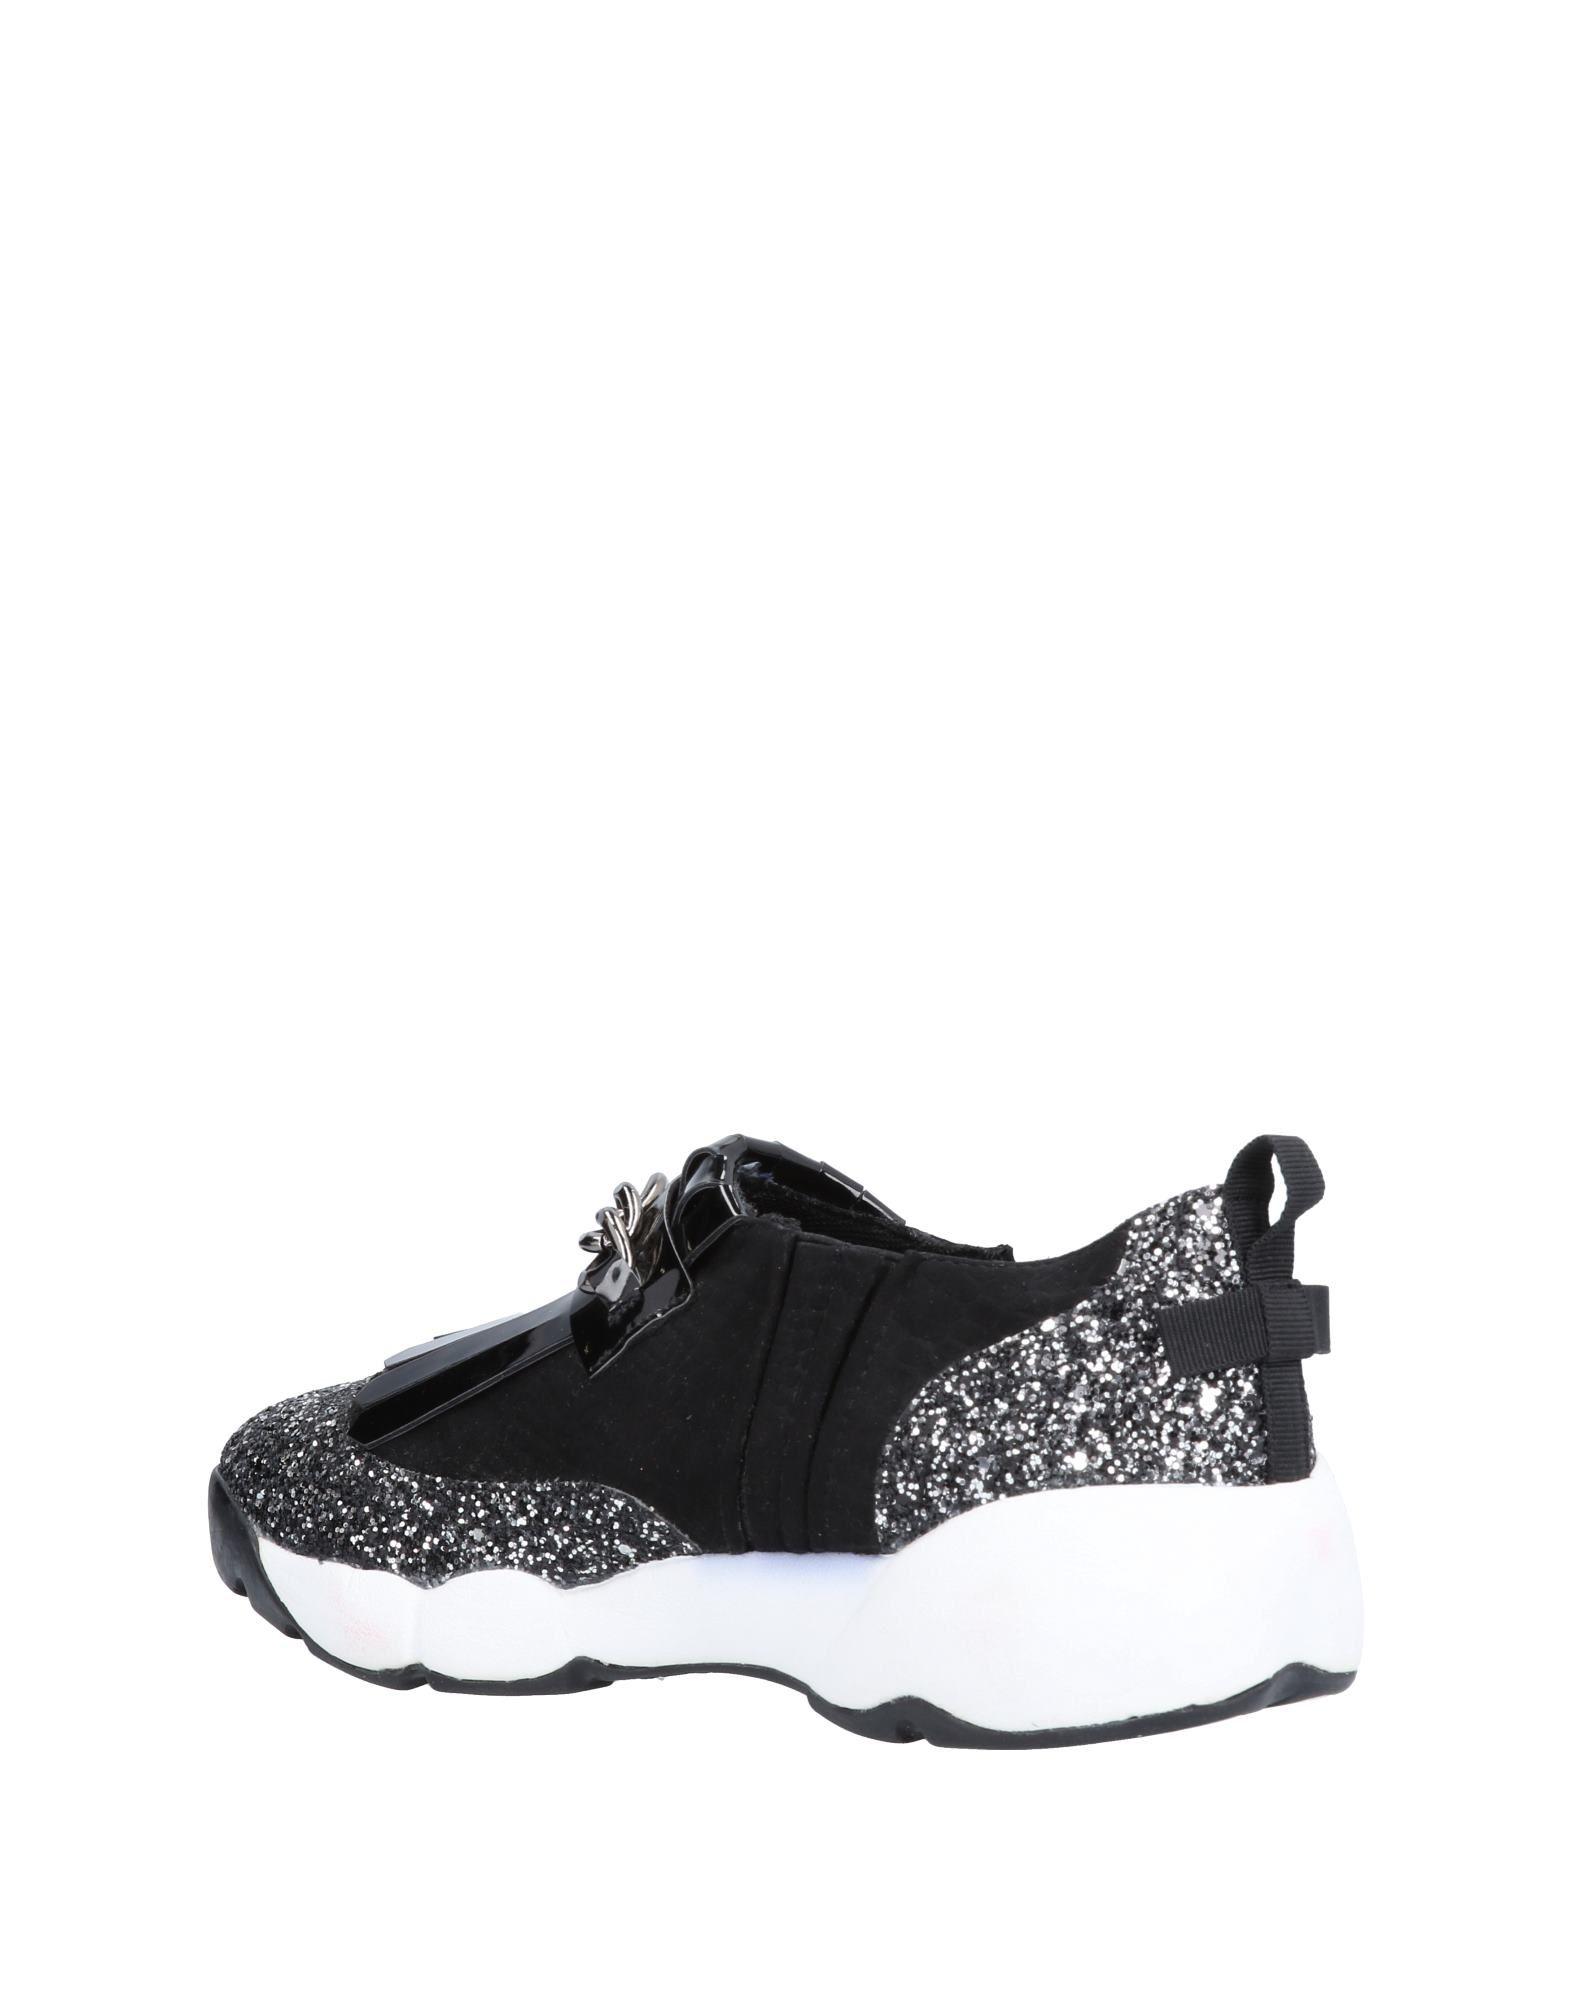 So•Queen Sneakers Damen  11500104DW 11500104DW 11500104DW f9e6ef